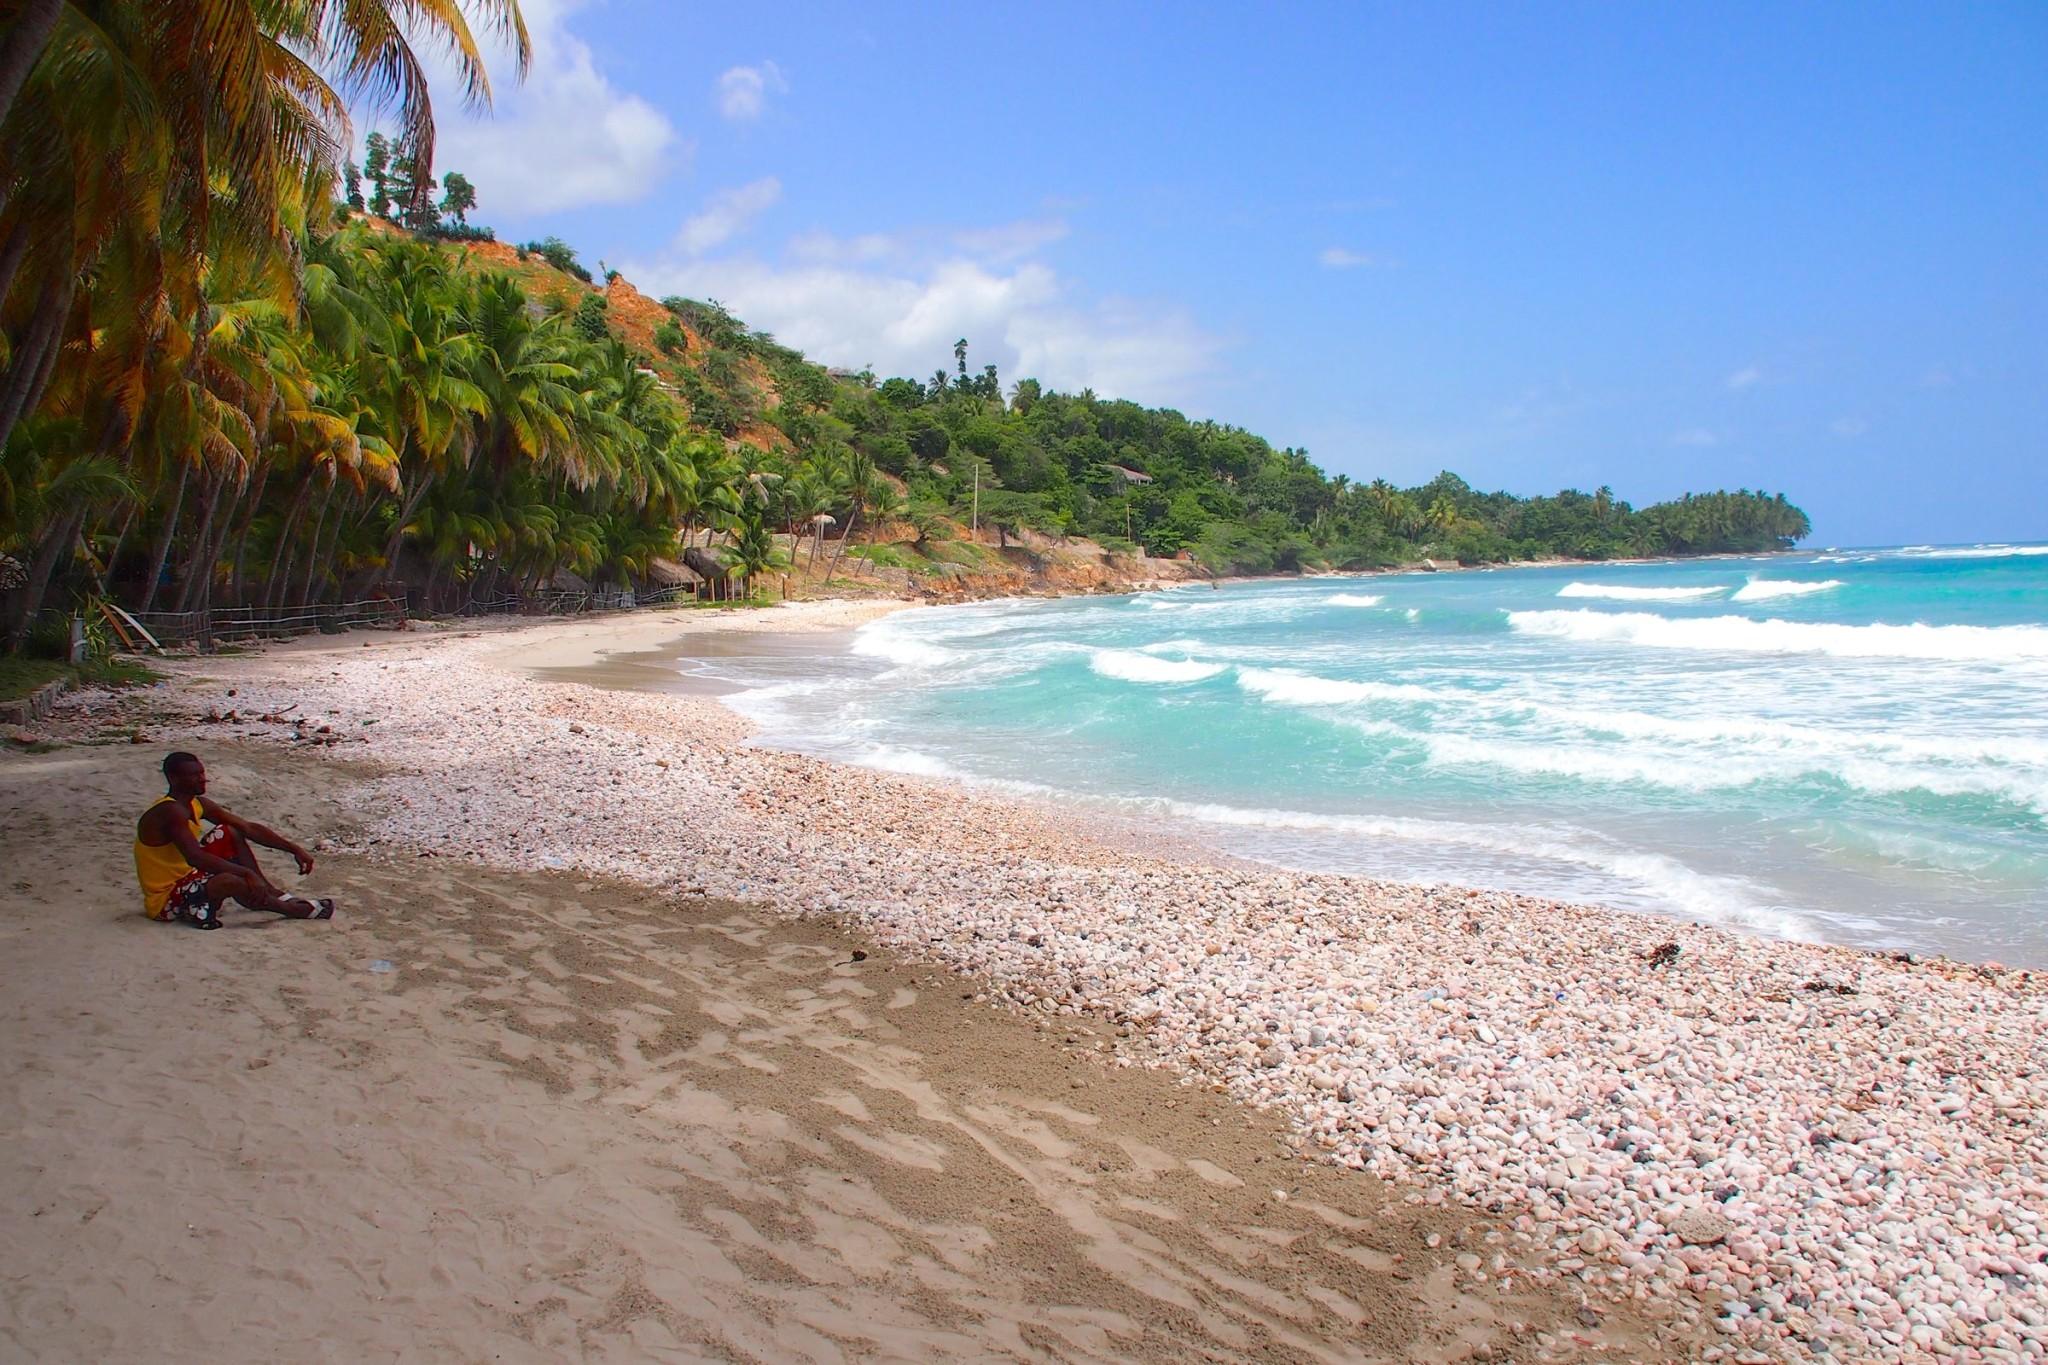 Kicking Back on Bobeach in Cayes-Jacmel, Haiti: Wish You Were Here